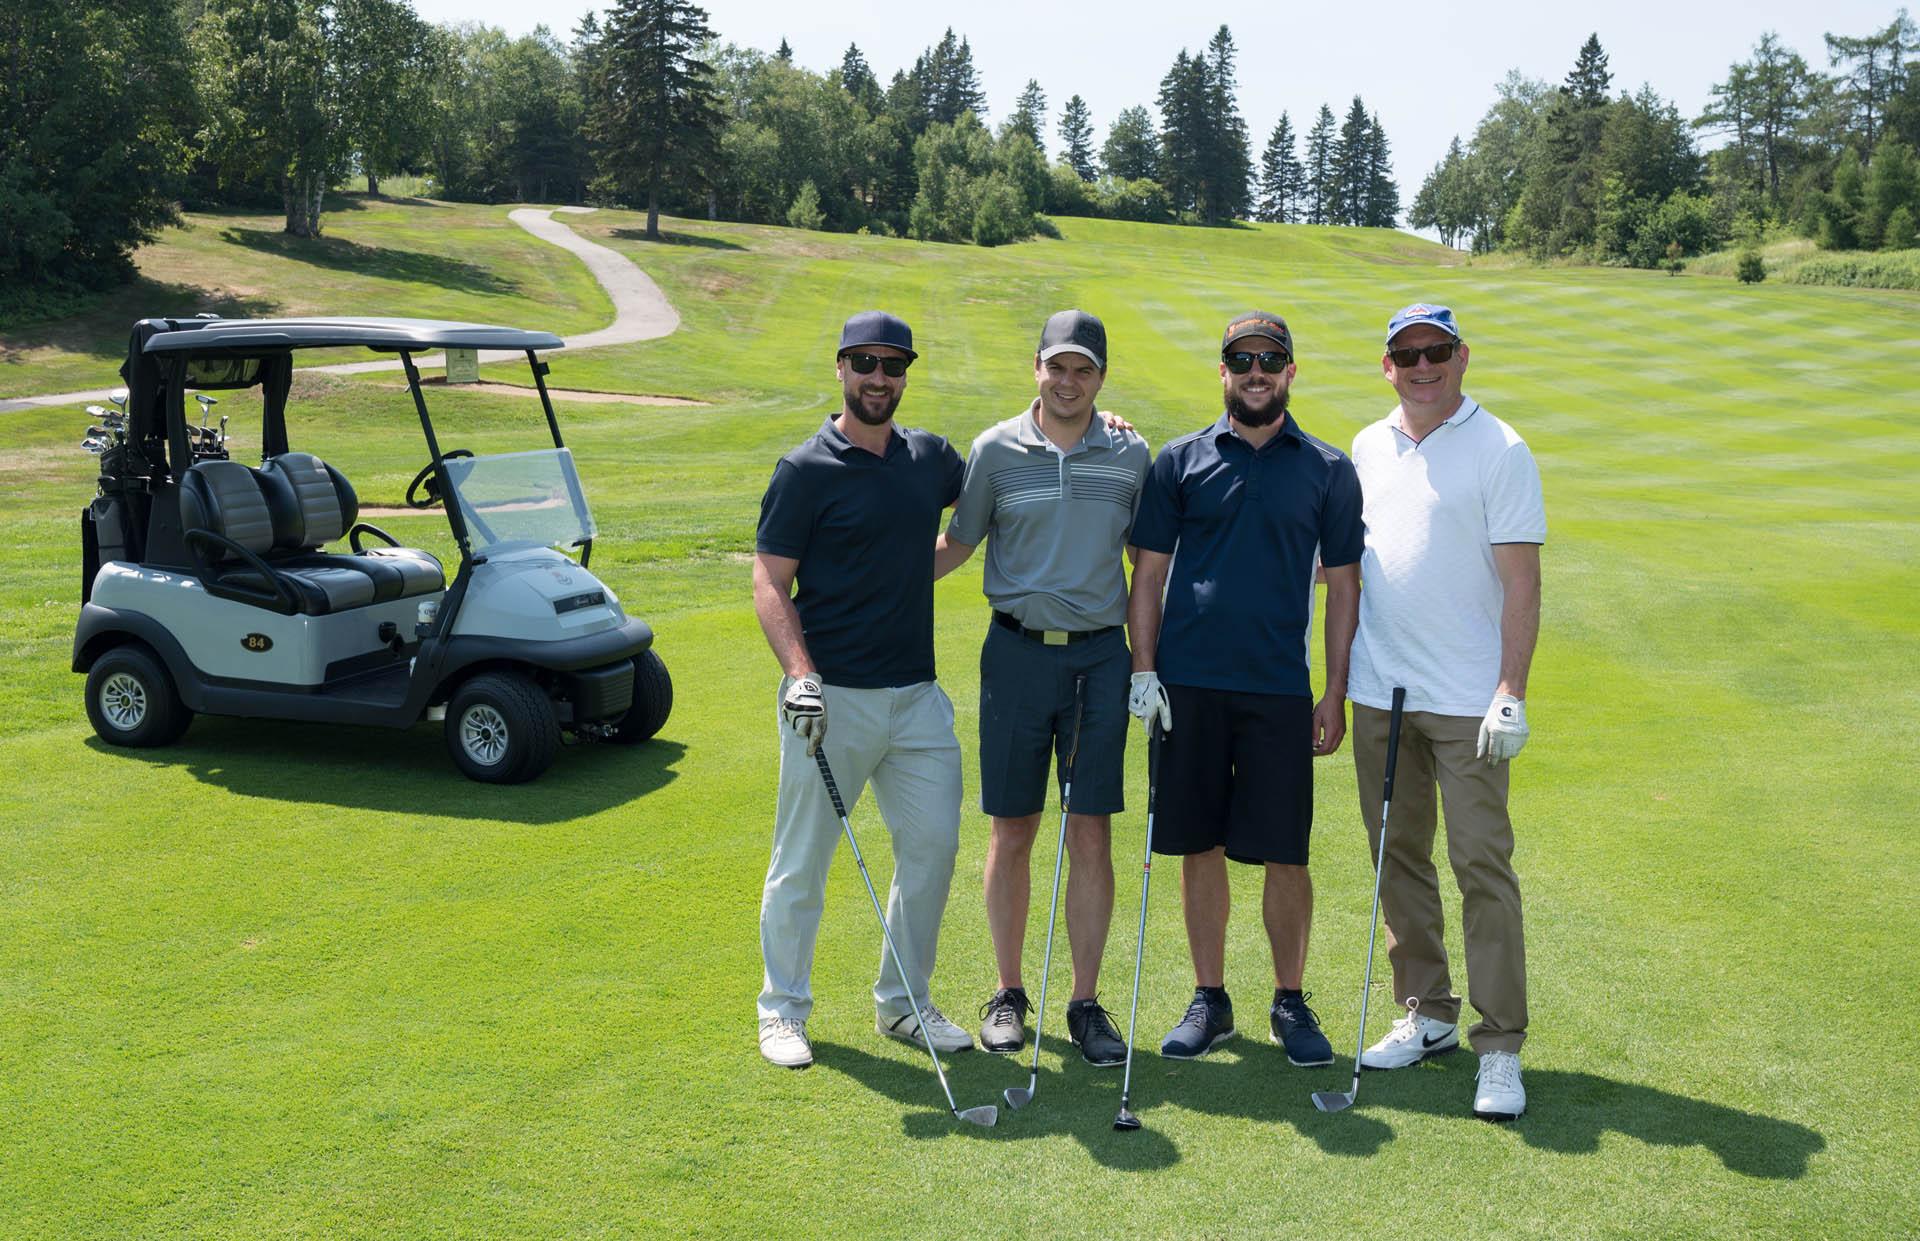 quatre joueurs de golf devant un cart